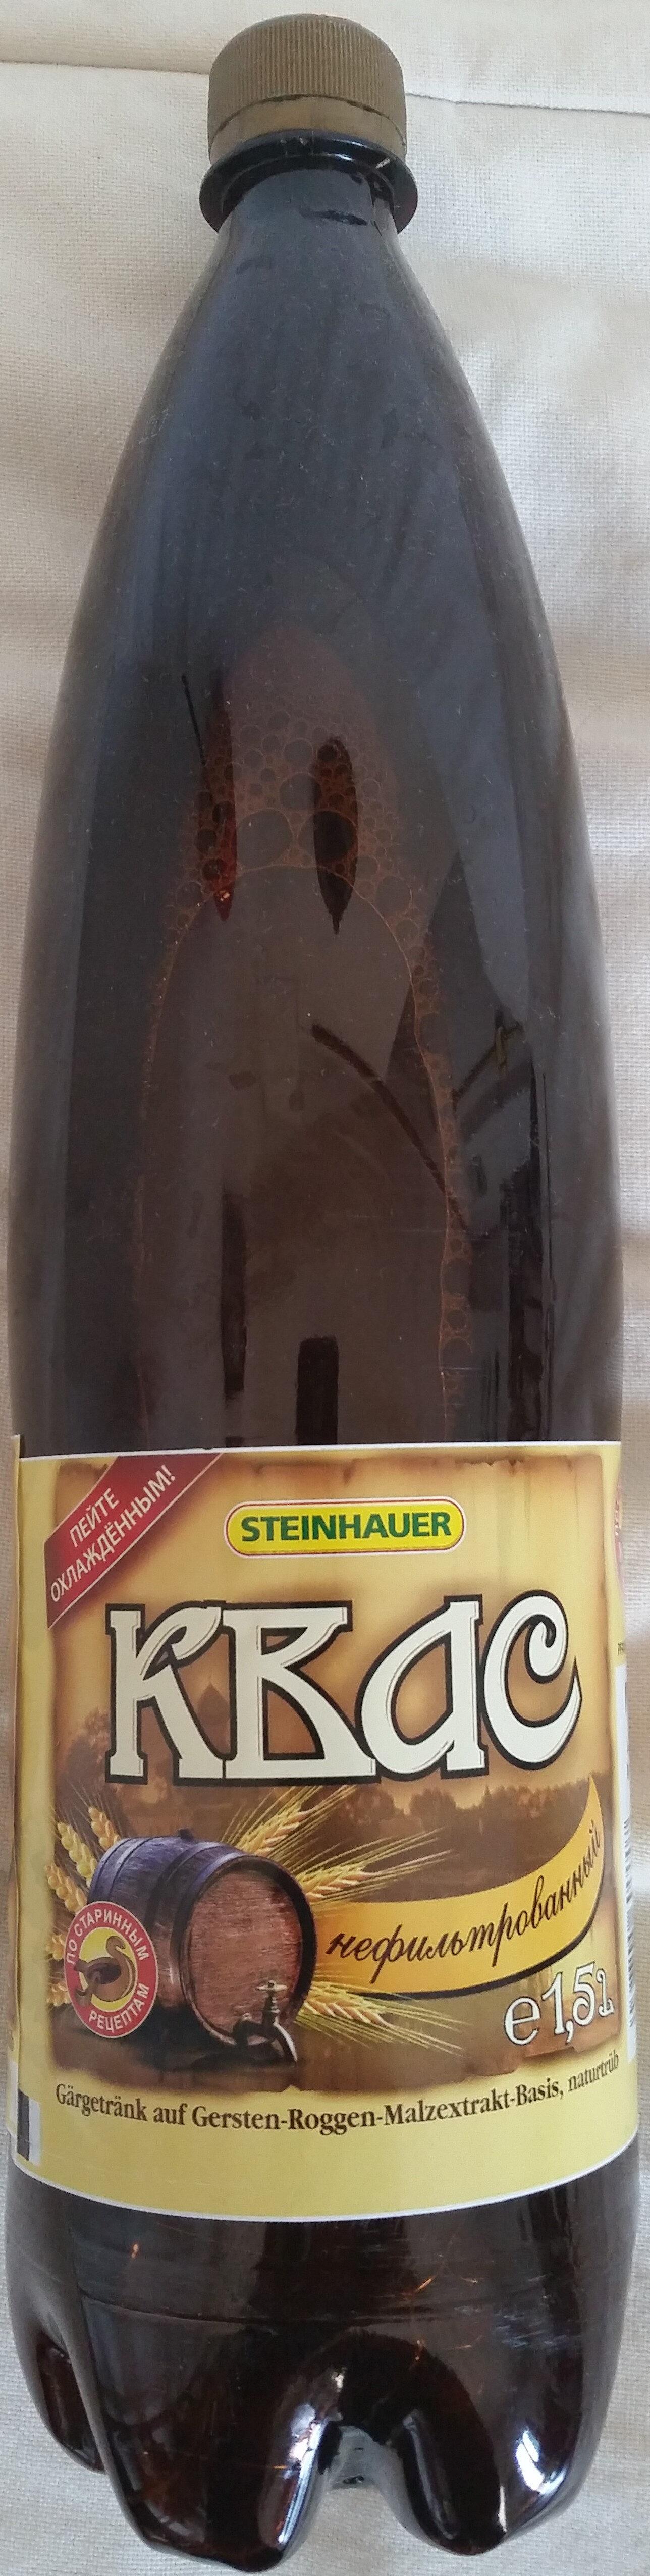 Квас – Gärgetränk auf Gersten-Roggen-Malzextrakt-Basis, naturtrüb - Product